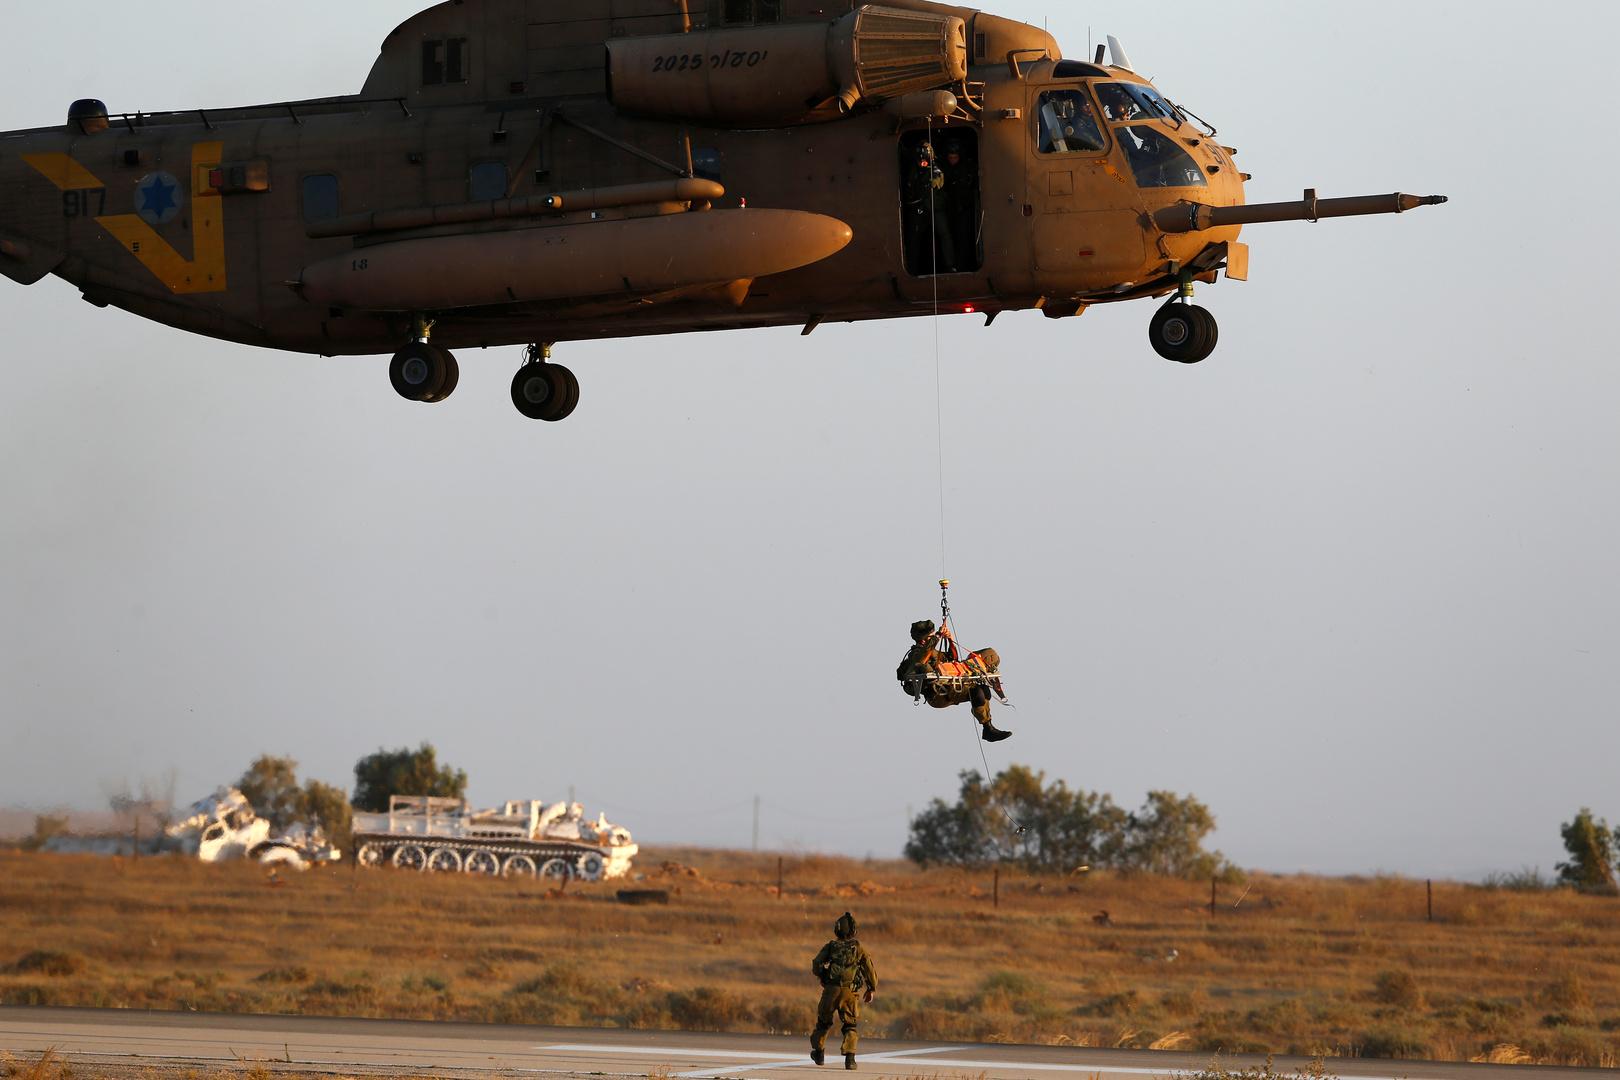 قاعدة عسكرية إسرائيلية، صورة تعبيرية من الأرشيف